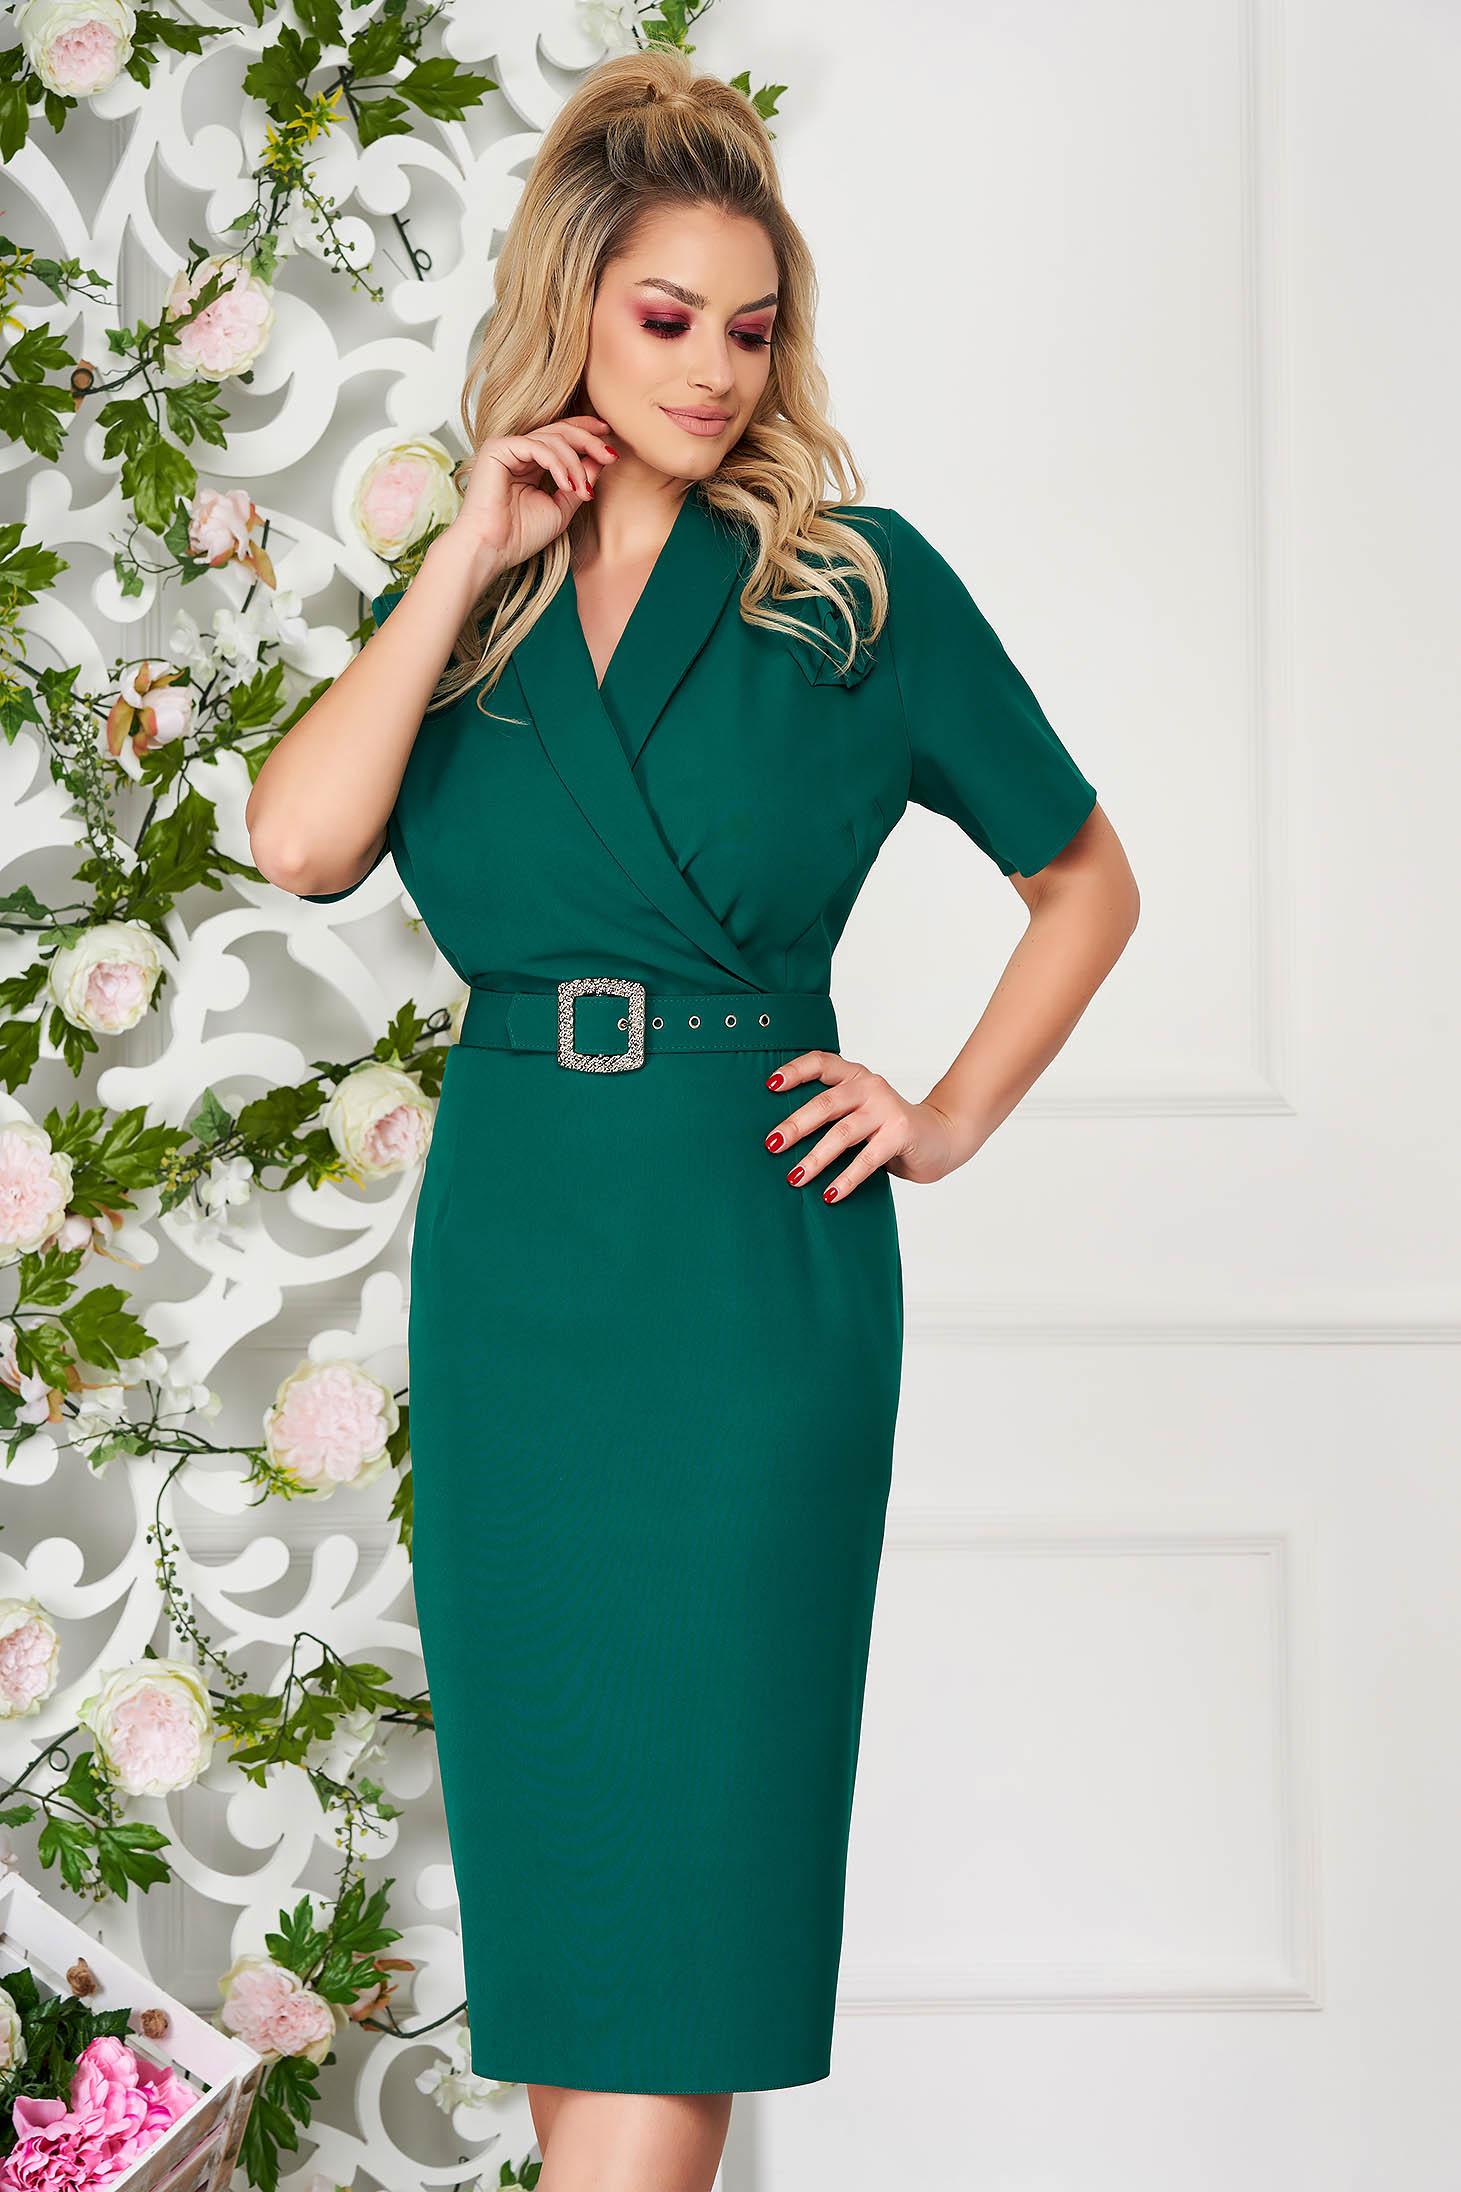 Green dress elegant midi pencil thin fabric accessorized with breastpin cloth